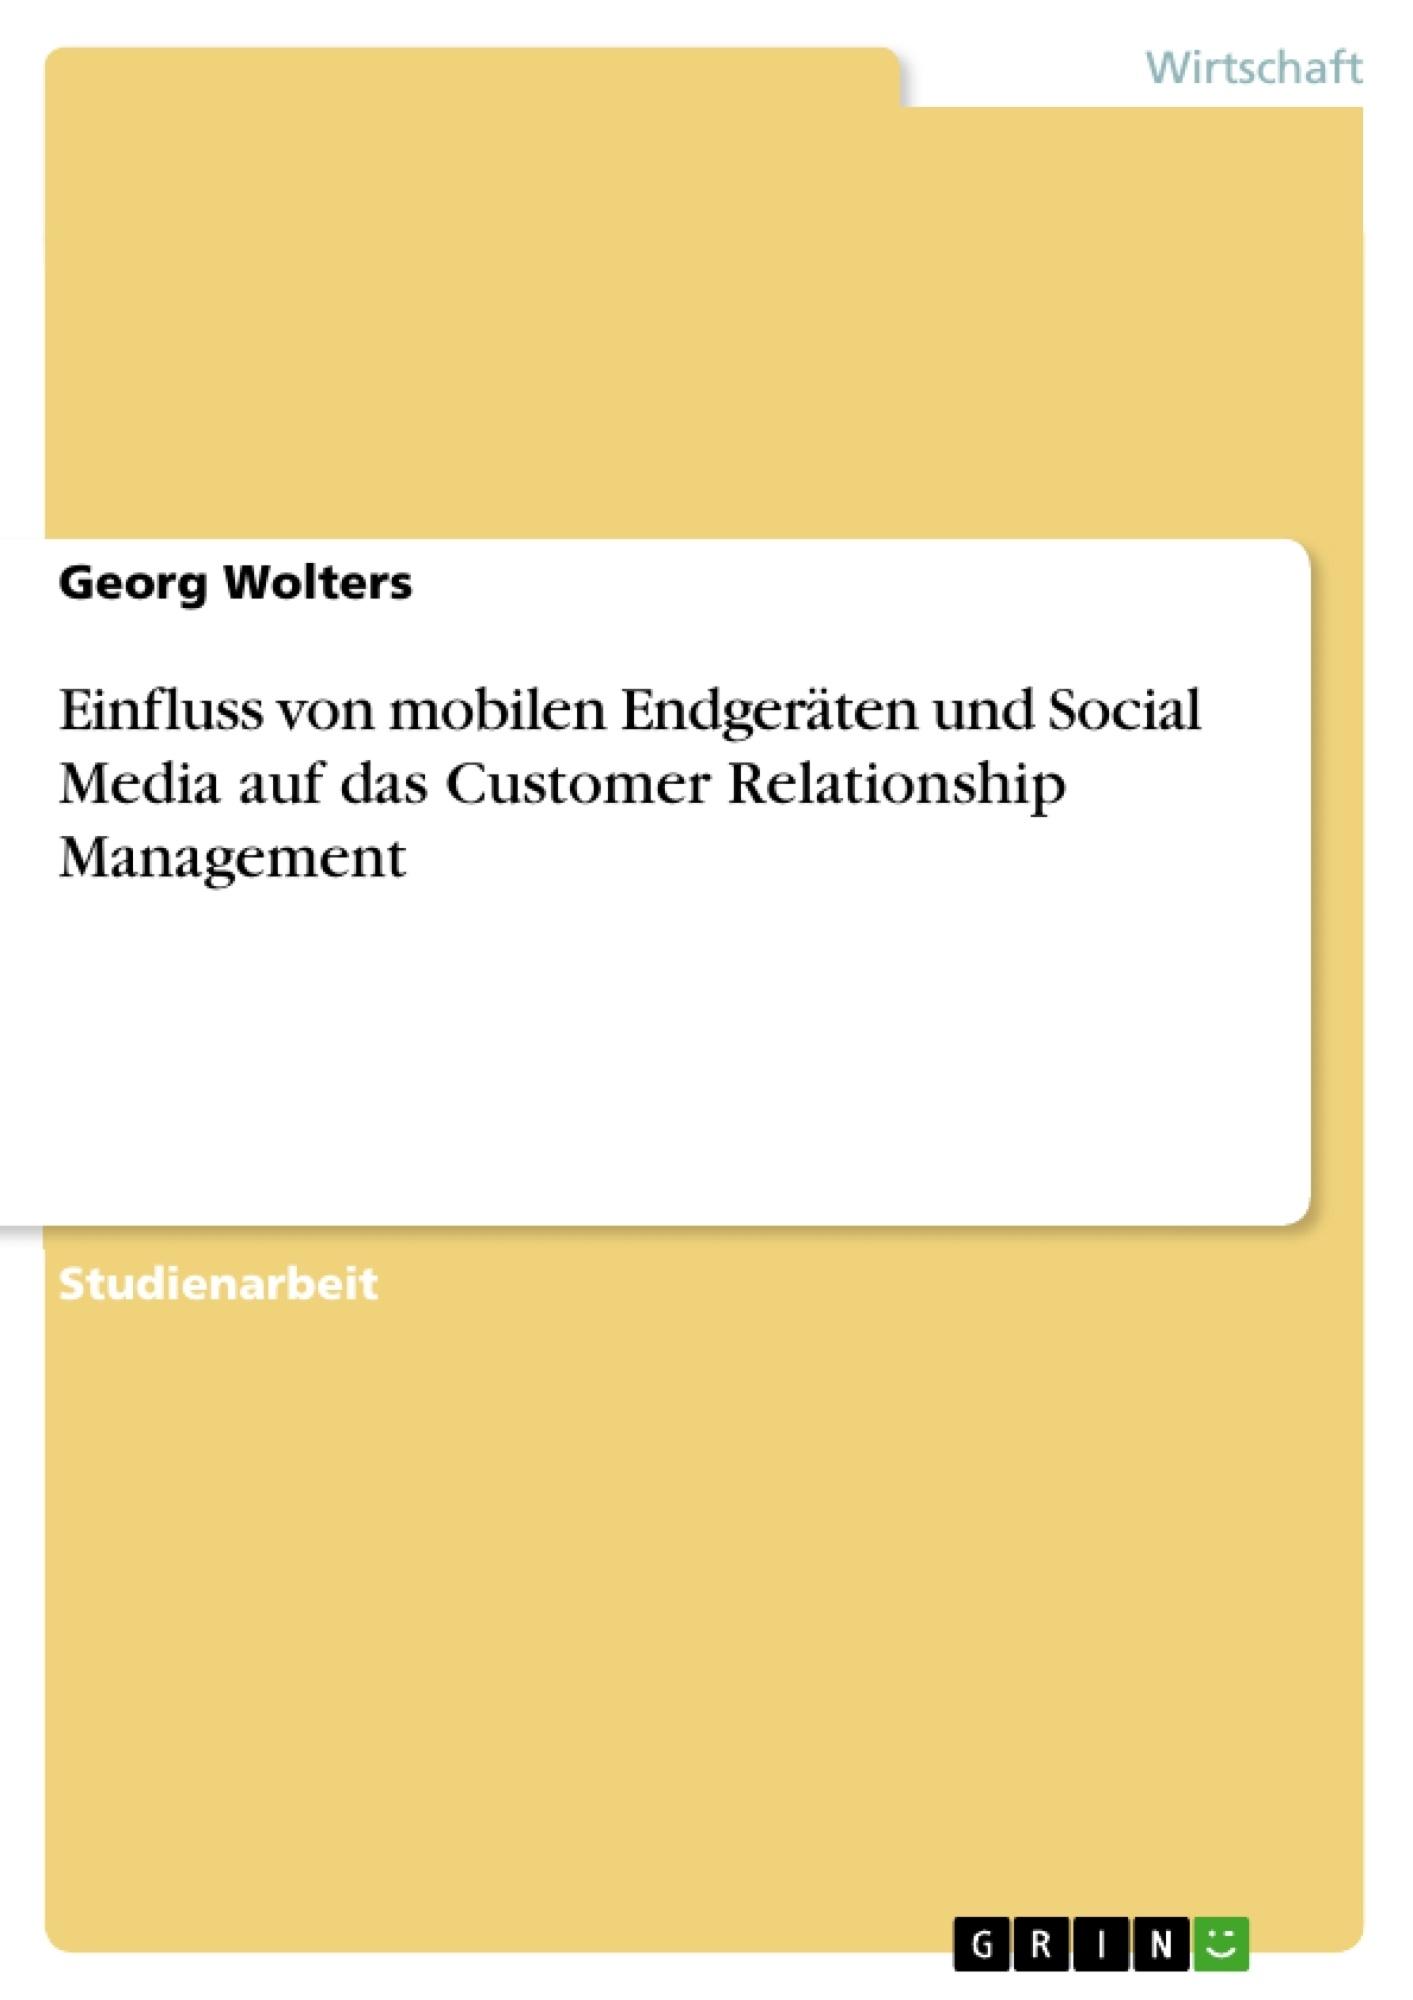 Titel: Einfluss von mobilen Endgeräten und Social Media auf das Customer Relationship Management